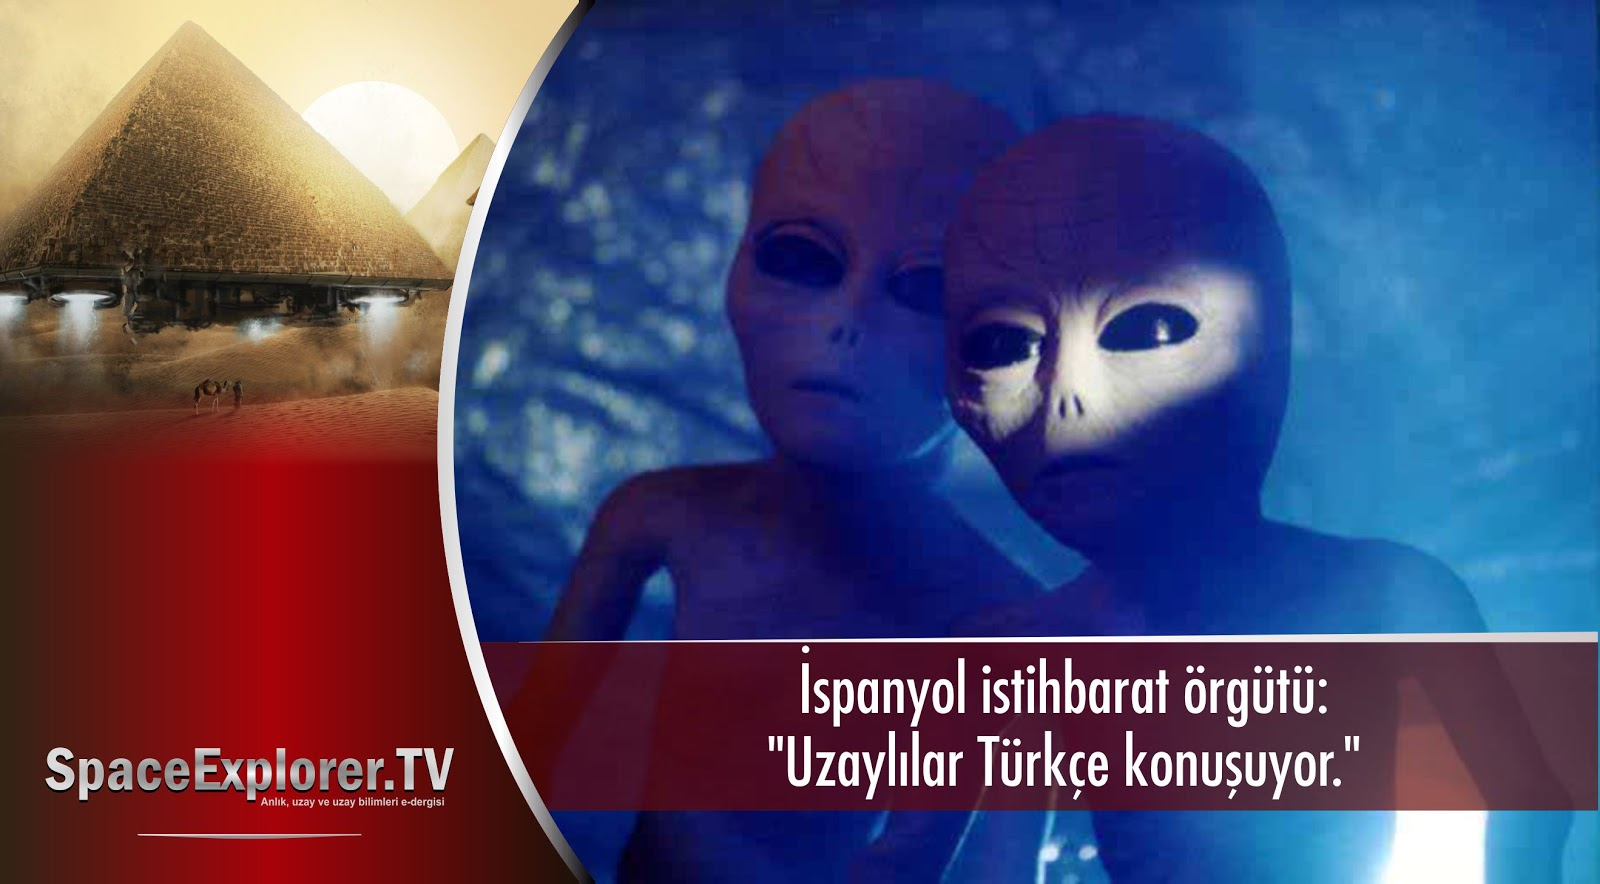 Uzaylılar Türkçe konuşuyor, Videolar, Uzayda hayat var mı?, Evrende yalnız mıyız?, Alfa centauri, Güneş sistemimizin dışı,